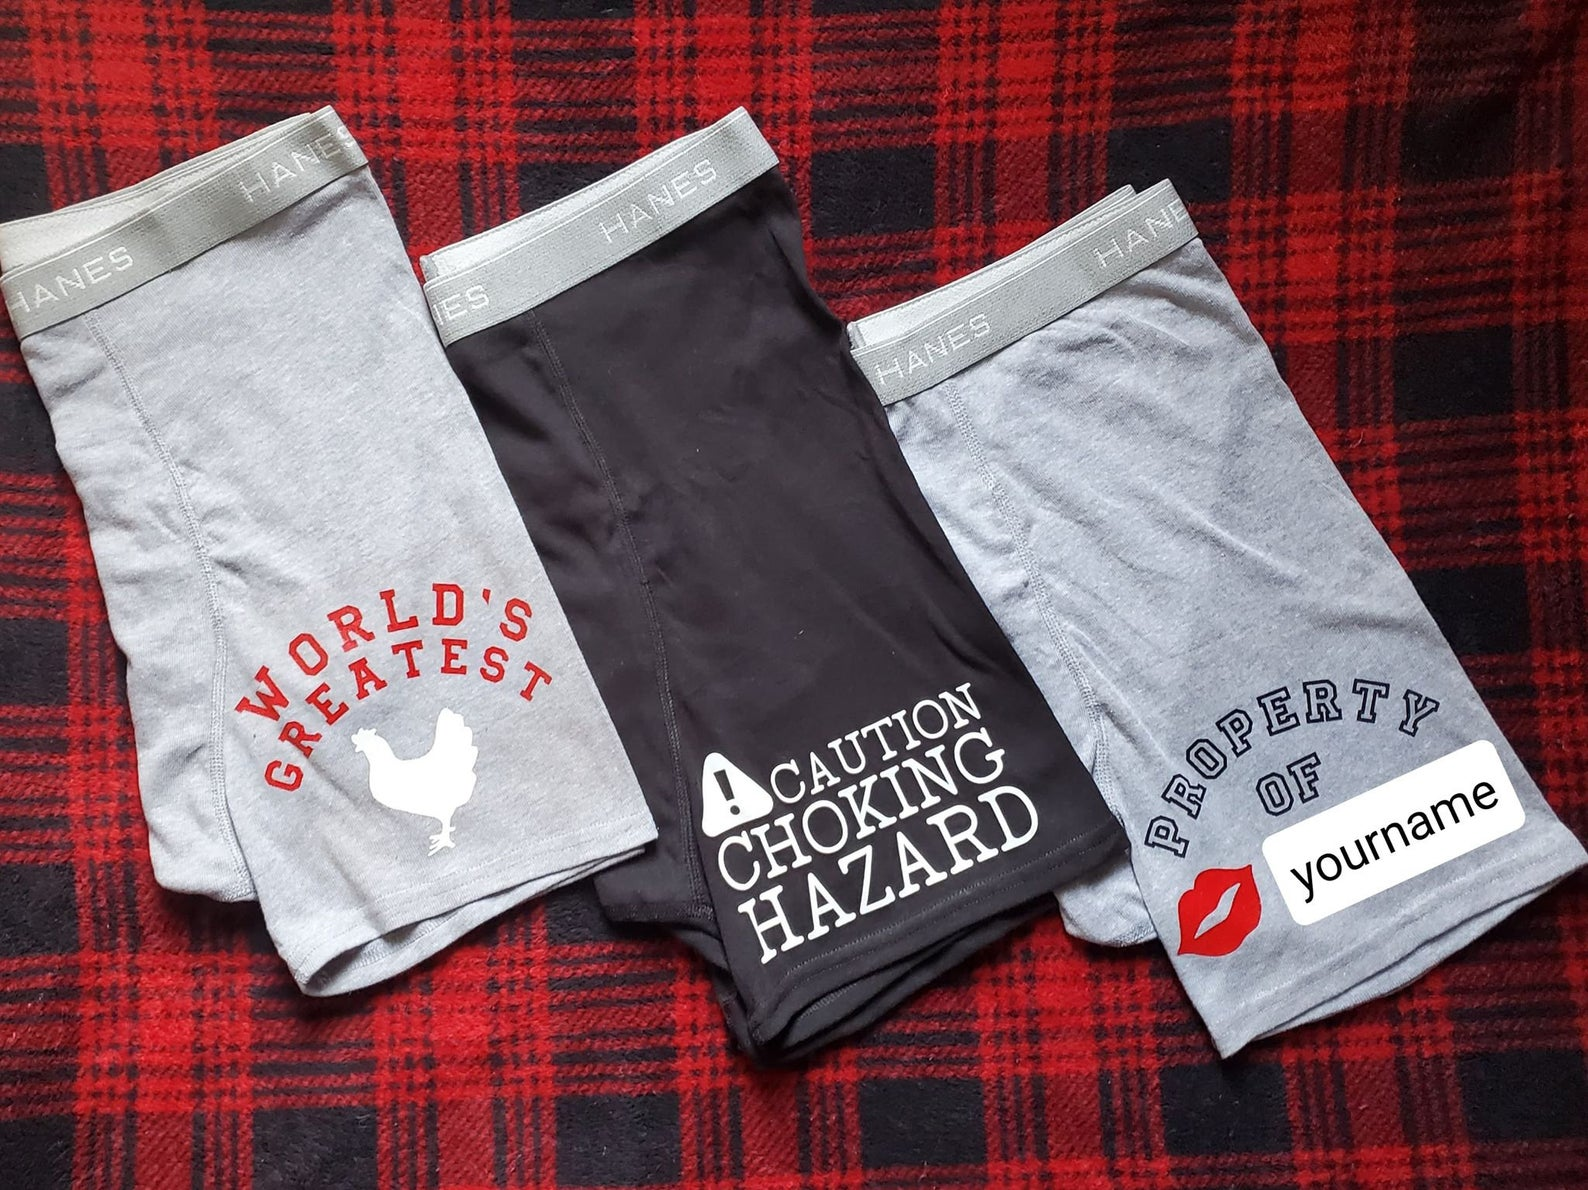 Caution Choking Hazard Underwear for Men by Gifter World